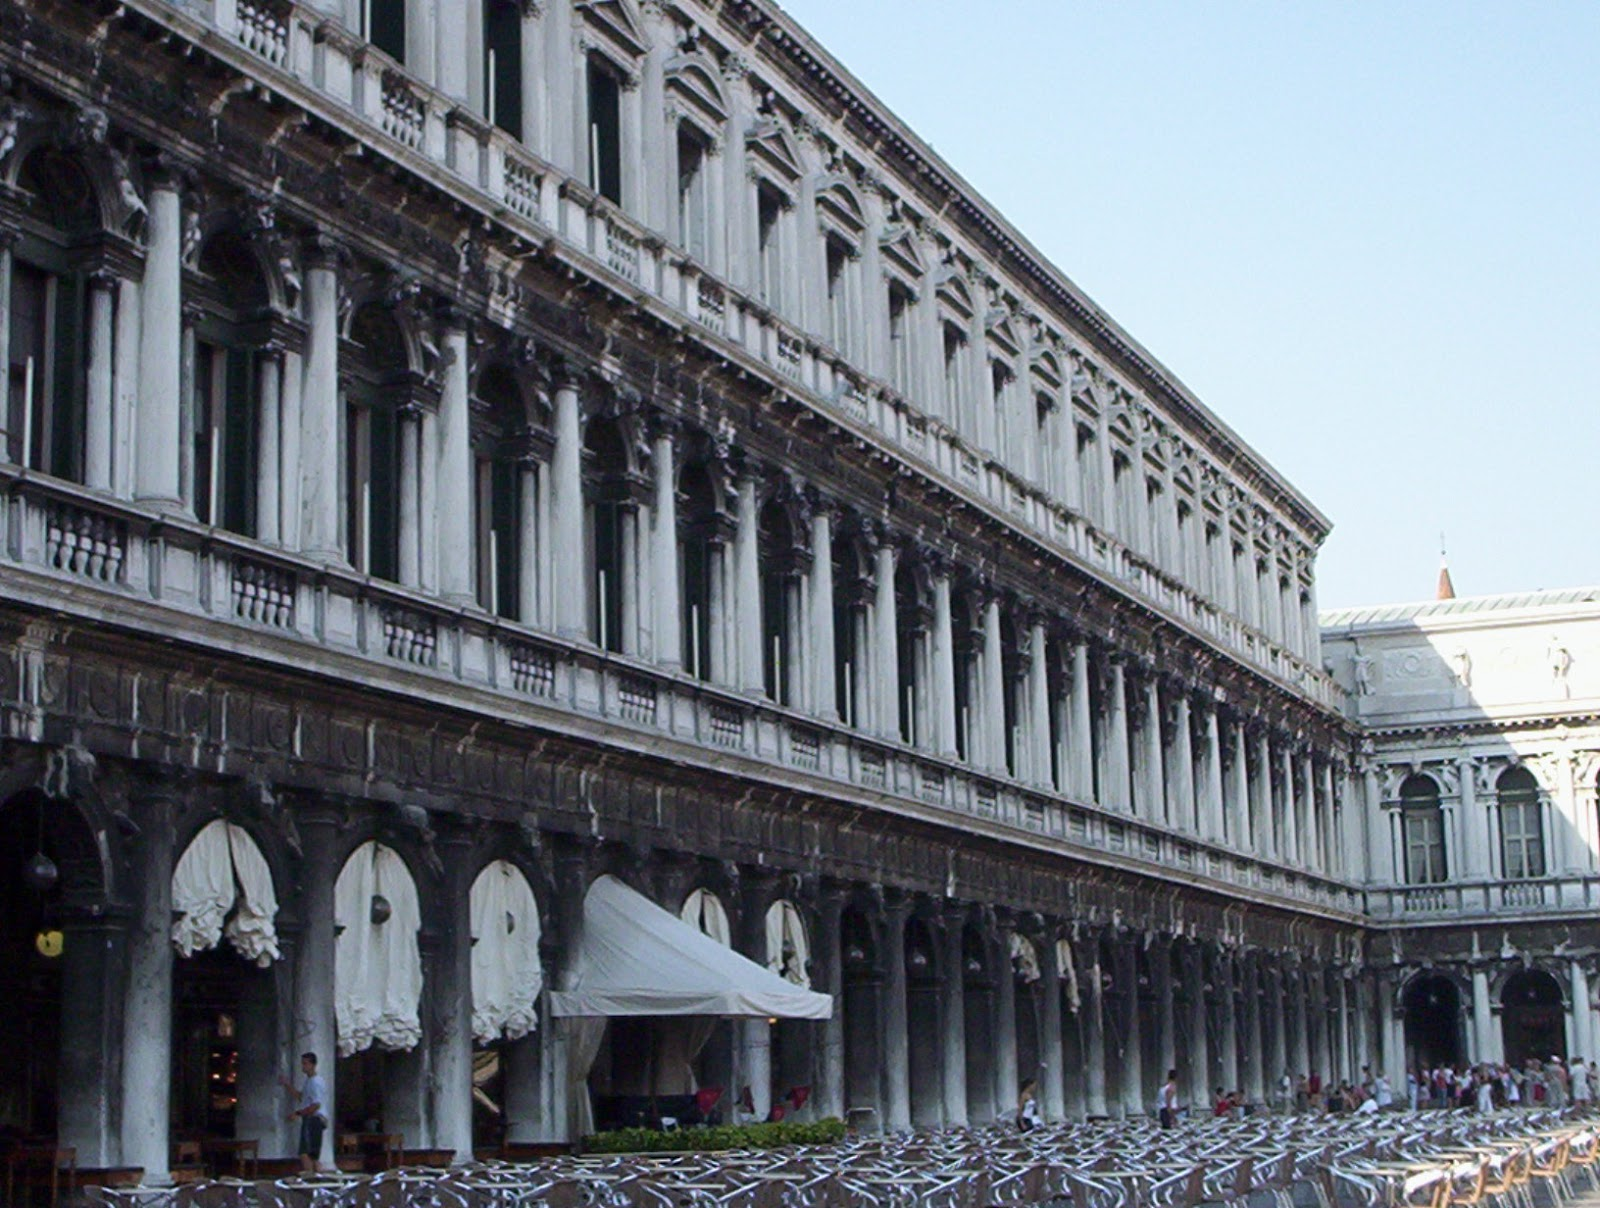 Saint-Marks-Square-Venice-Italy-2006-Sealiberty